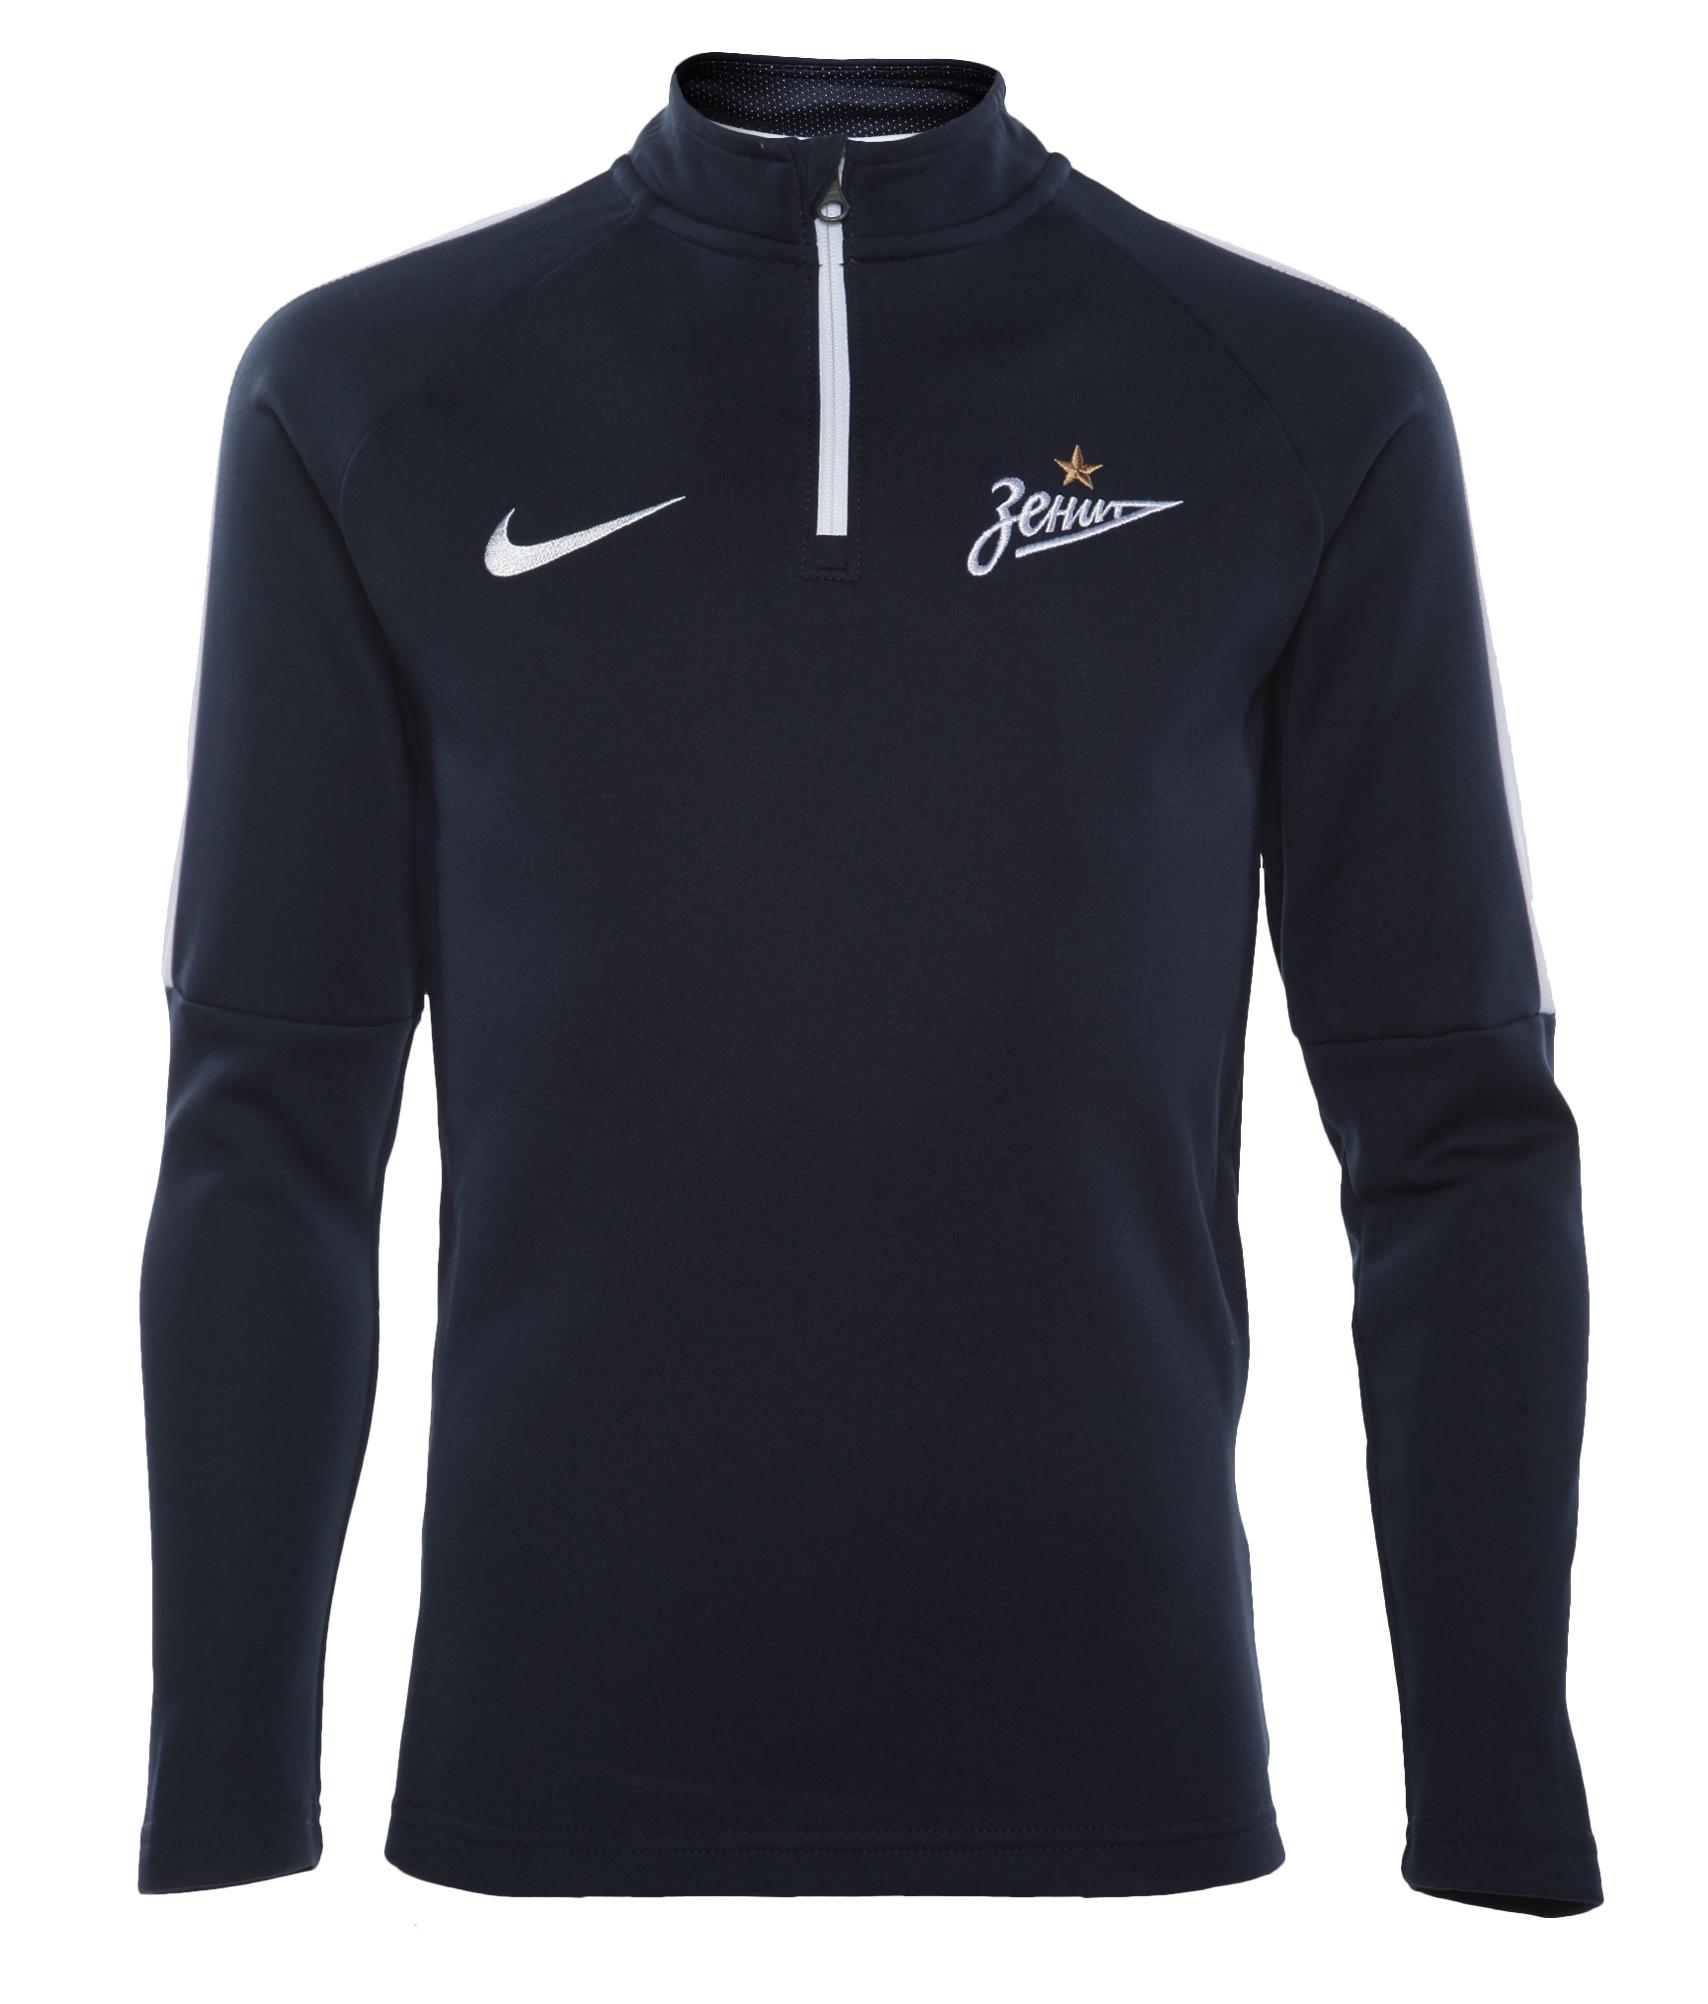 Джемпер тренировочный подростковый Nike Nike Цвет-Темно-Синий джемпер тренировочный подростковый nike цвет темно синий размер m